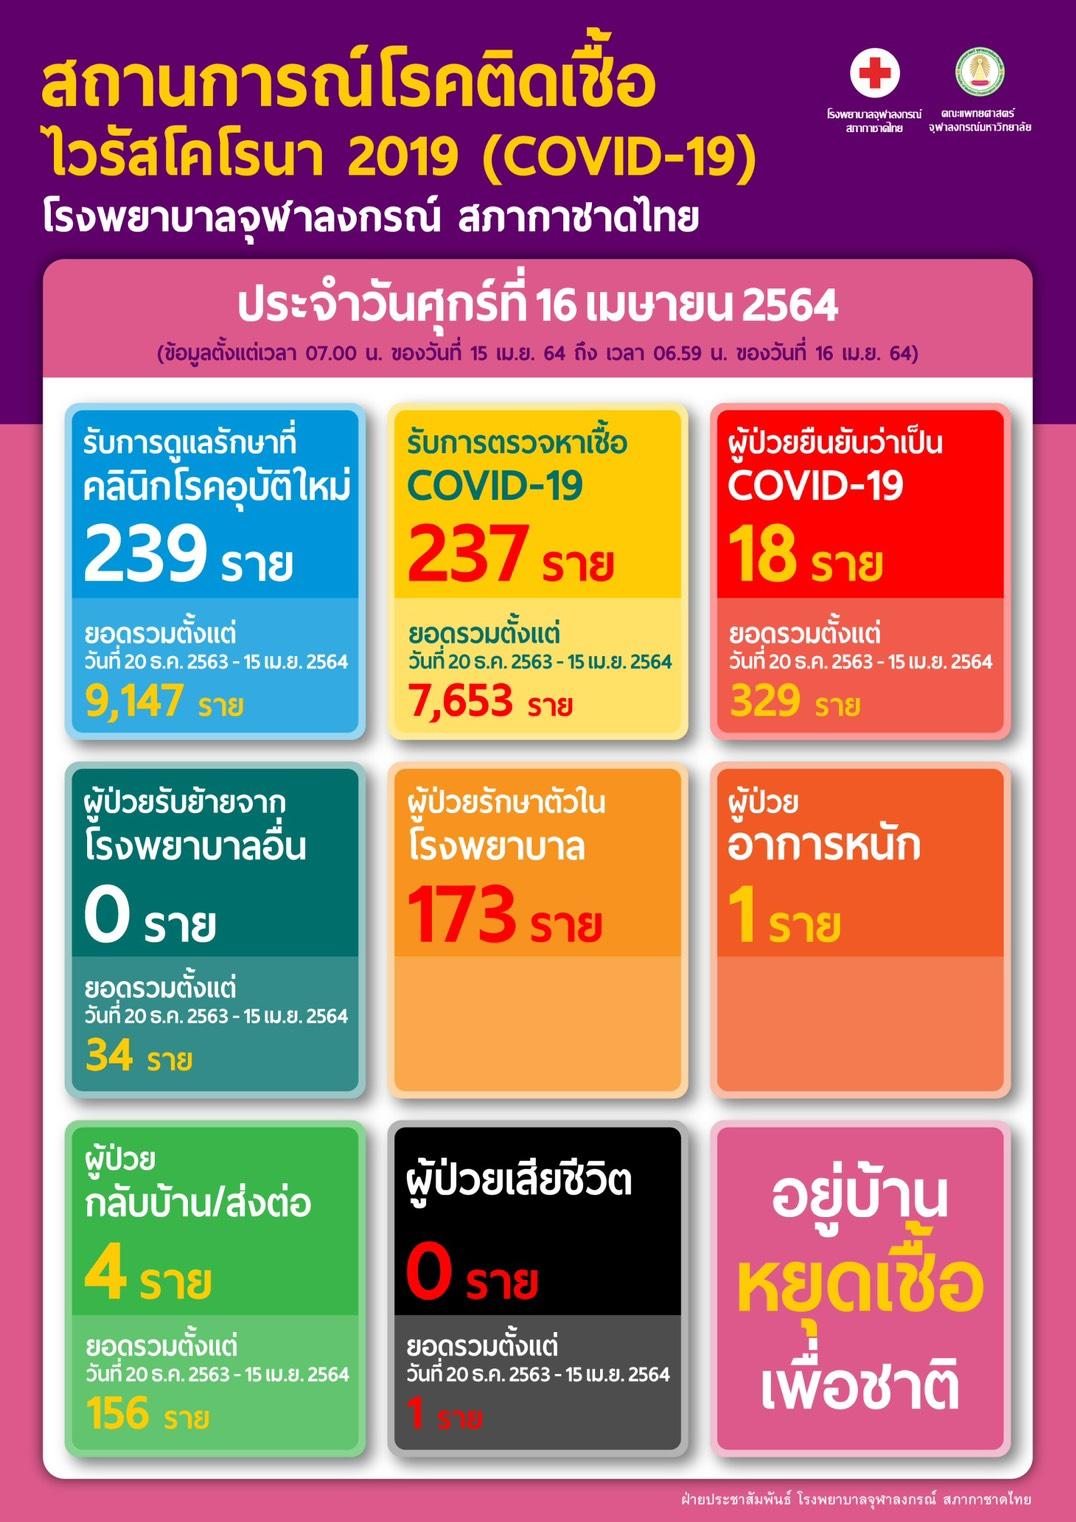 สถานการณ์โรคติดเชื้อ ไวรัสโคโรนา 2019 (COVID-19) โรงพยาบาลจุฬาลงกรณ์ สภากาชาดไทย ประจำวันศุกร์ที่ 16 เมษายน 2564